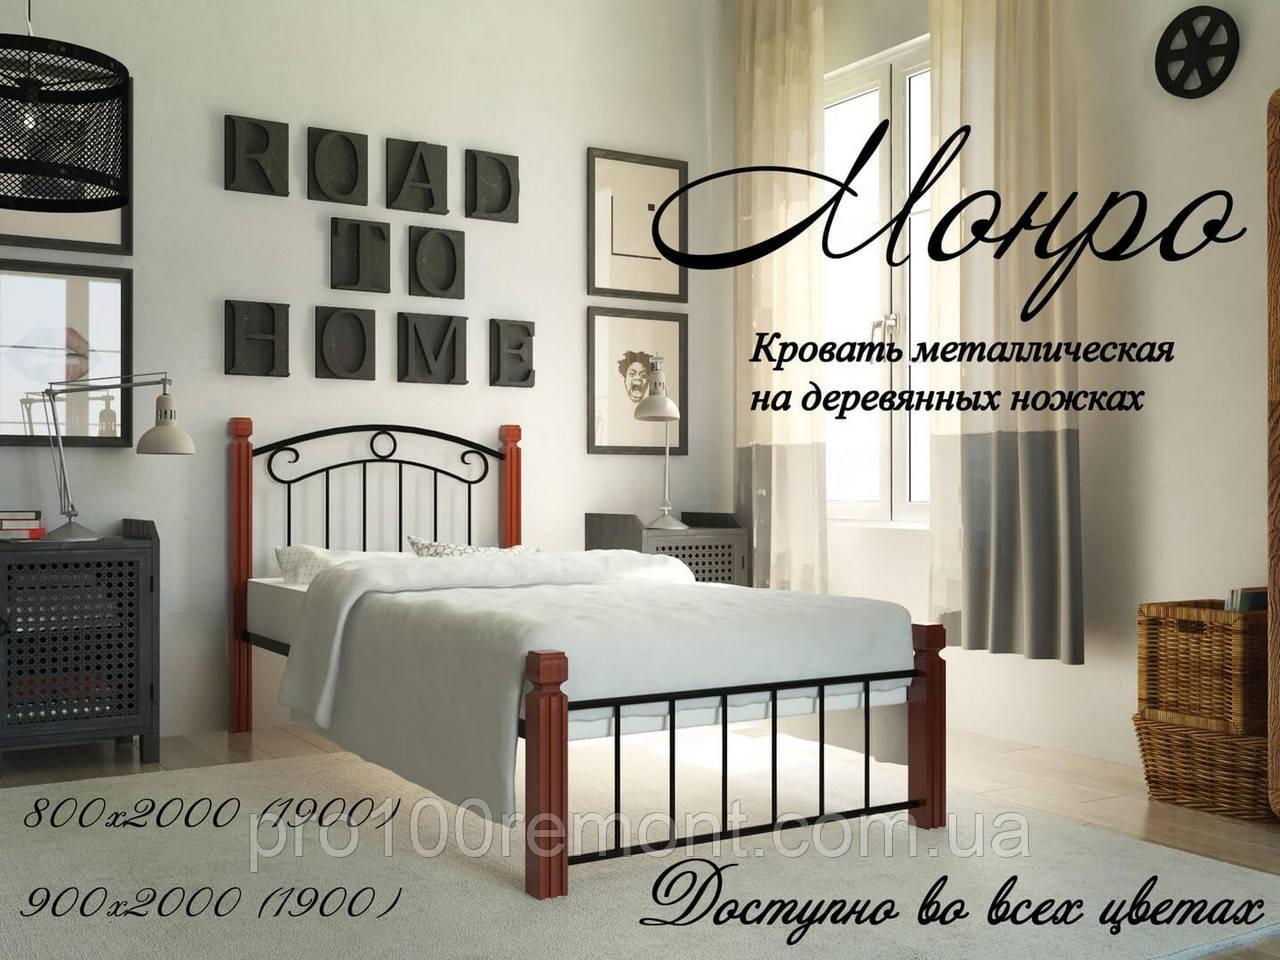 Кровать Монро на деревянных ногах